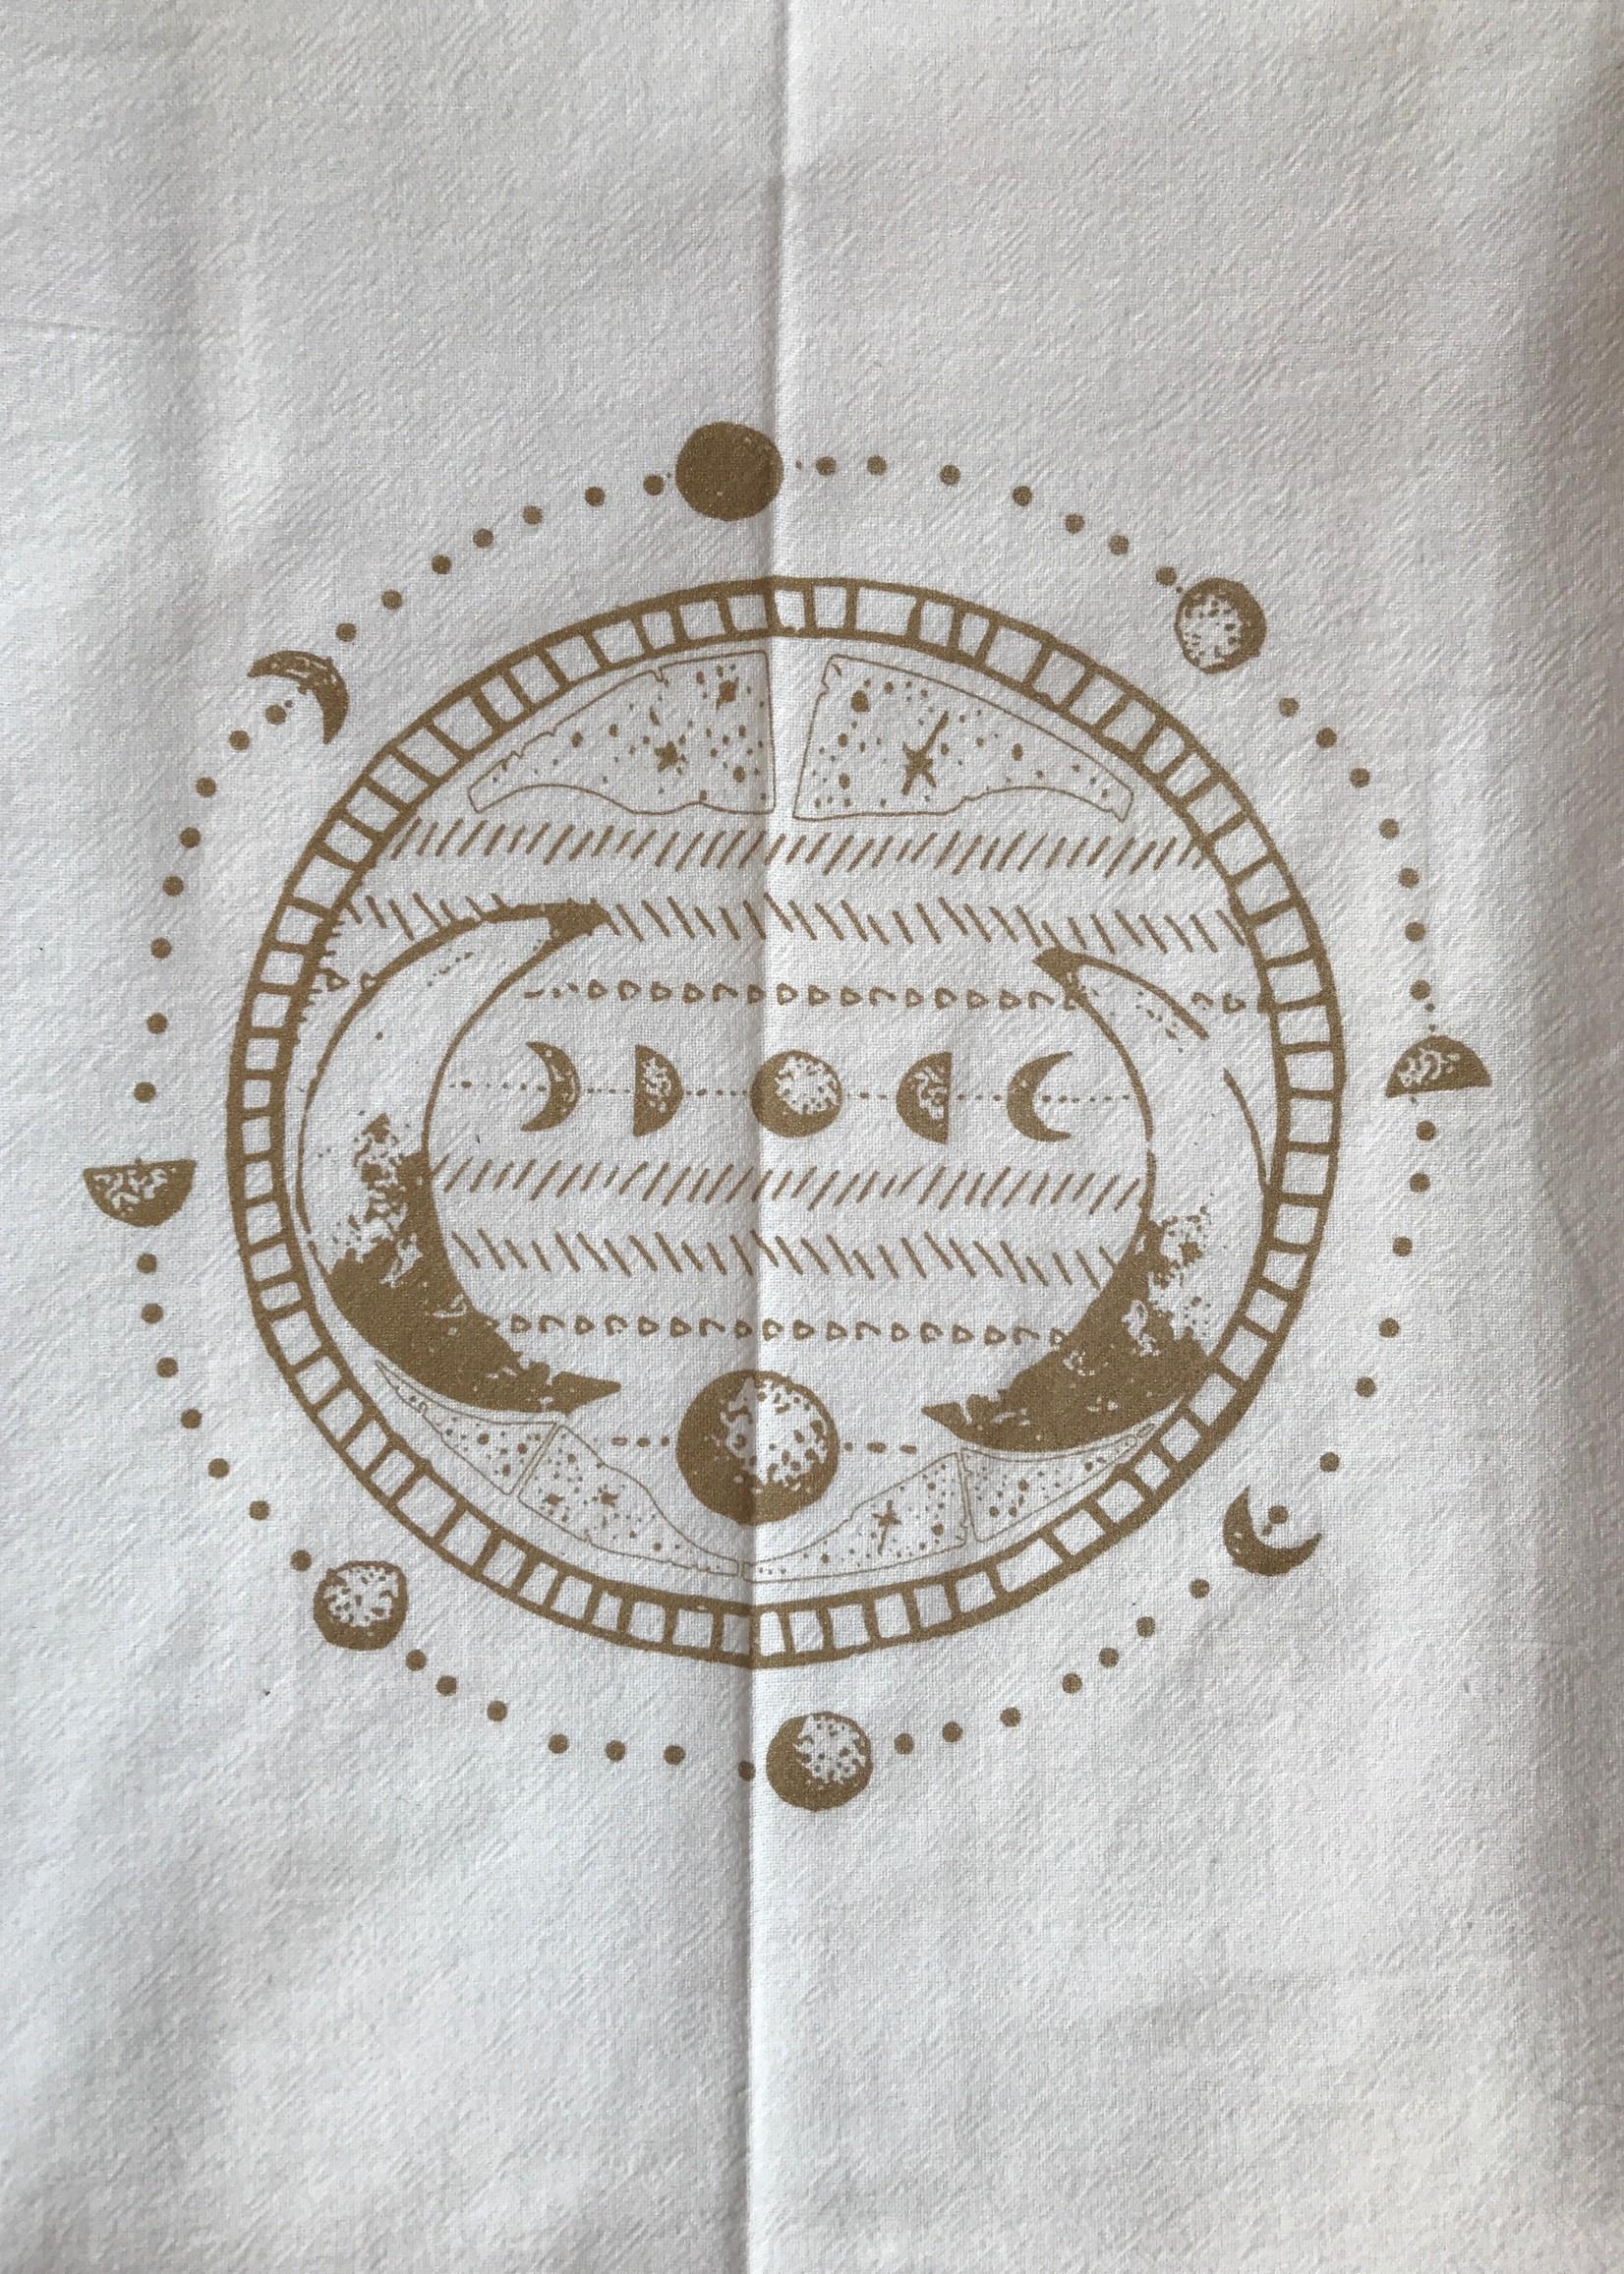 Screen Printed Dish Towel Moon Phase